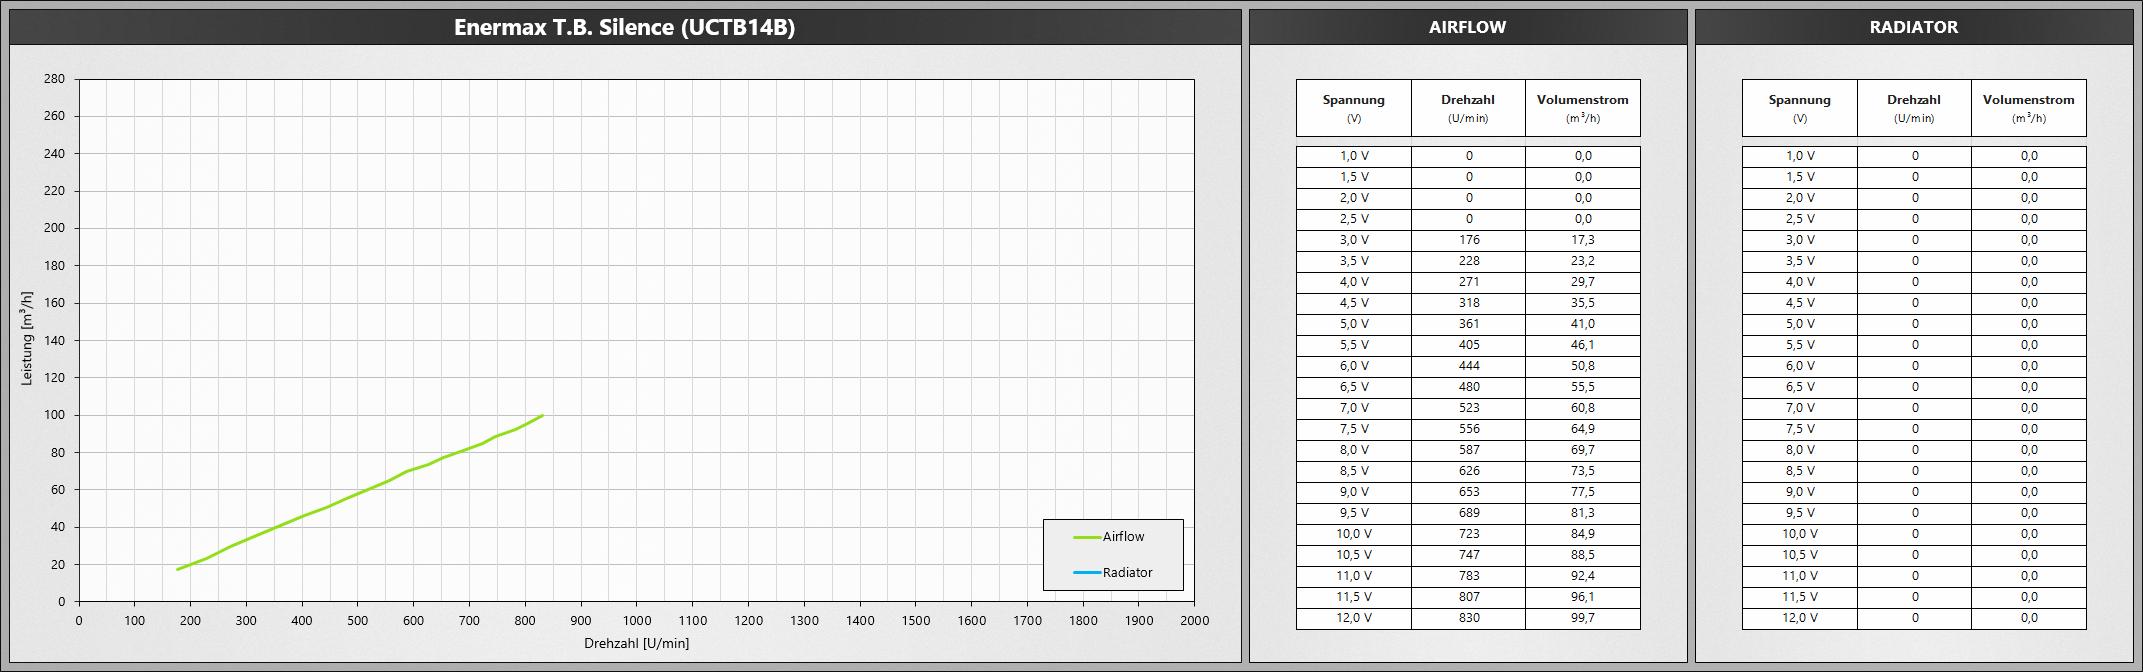 Klicken Sie auf die Grafik für eine größere Ansicht  Name:EnermaxUCTB14B.png Hits:664 Größe:467,1 KB ID:1074760